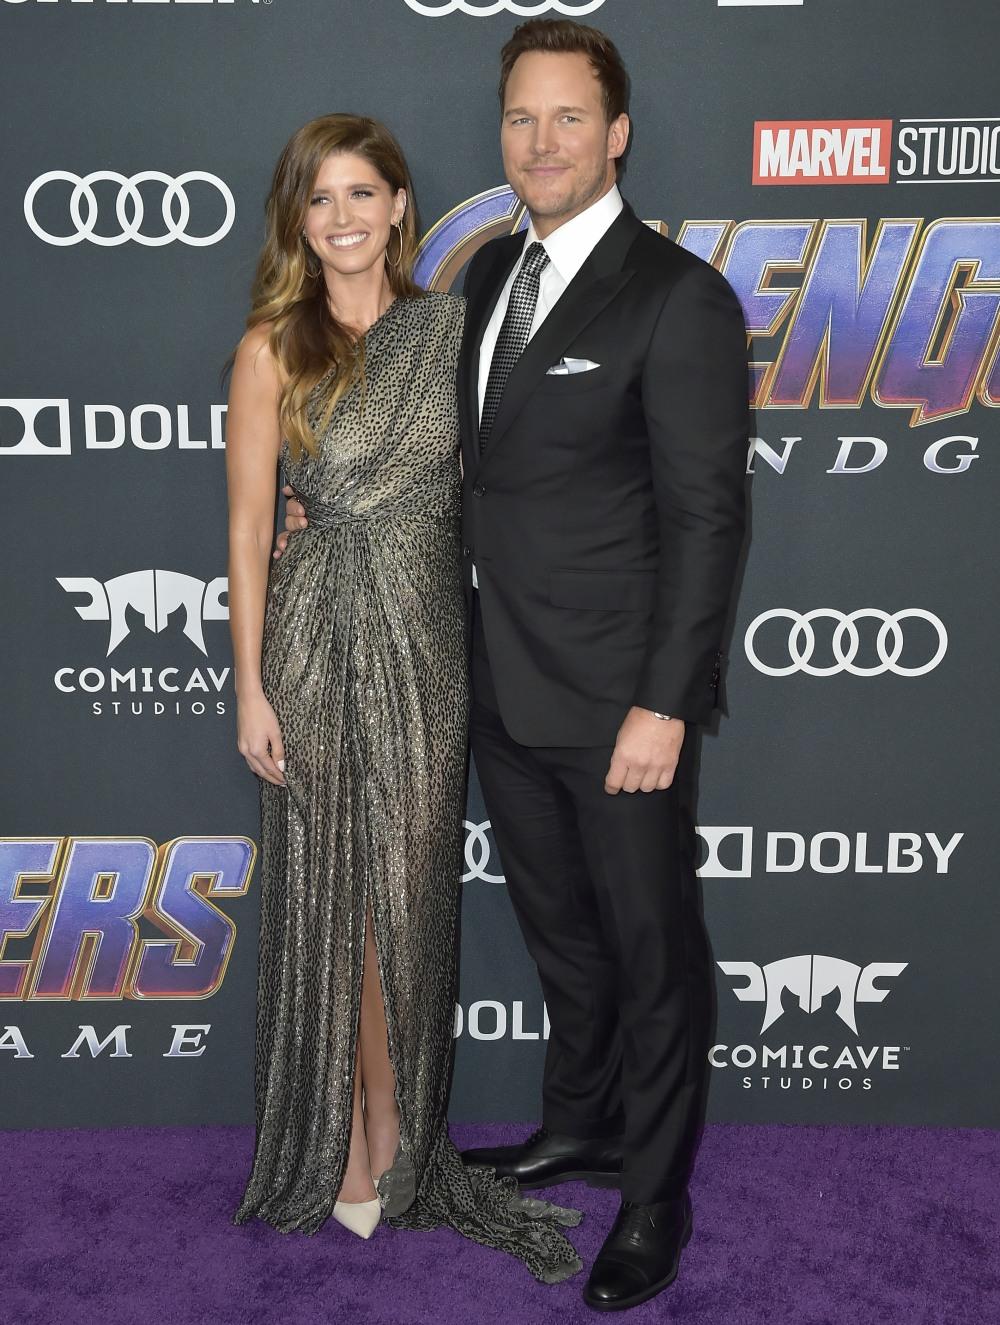 Prima mondiale di 'Avengers: Endgame'